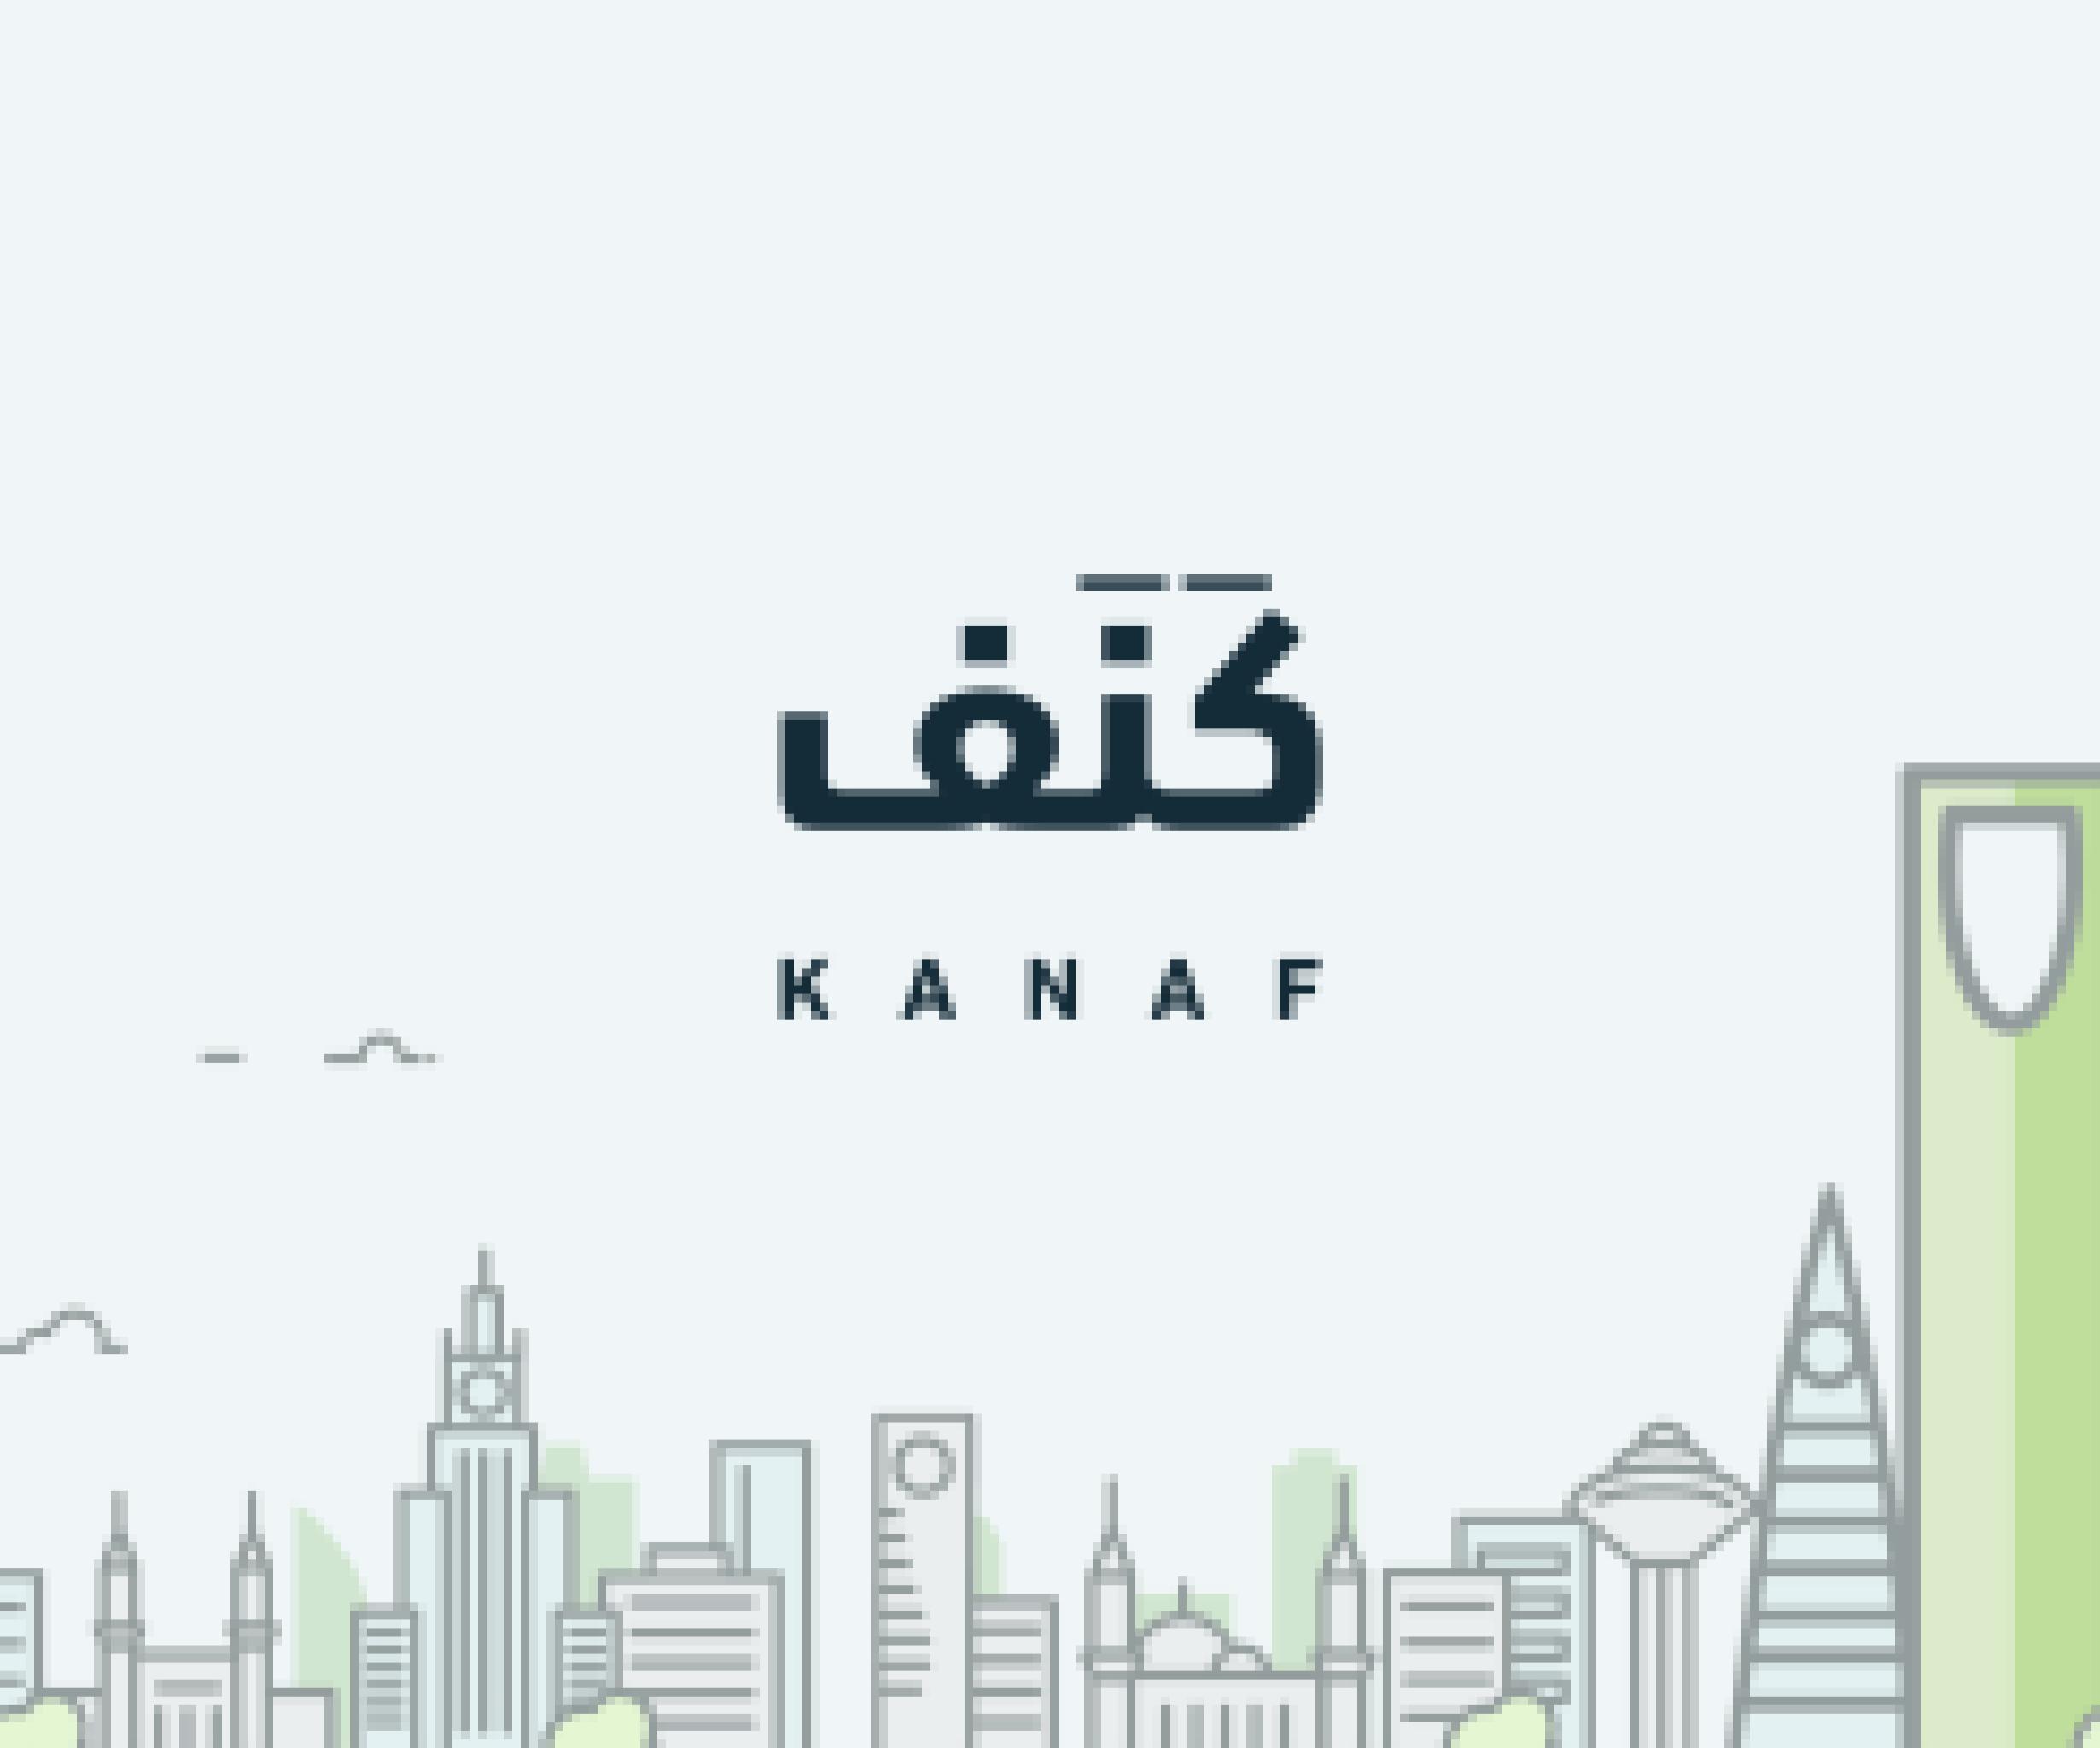 Kanaf logo